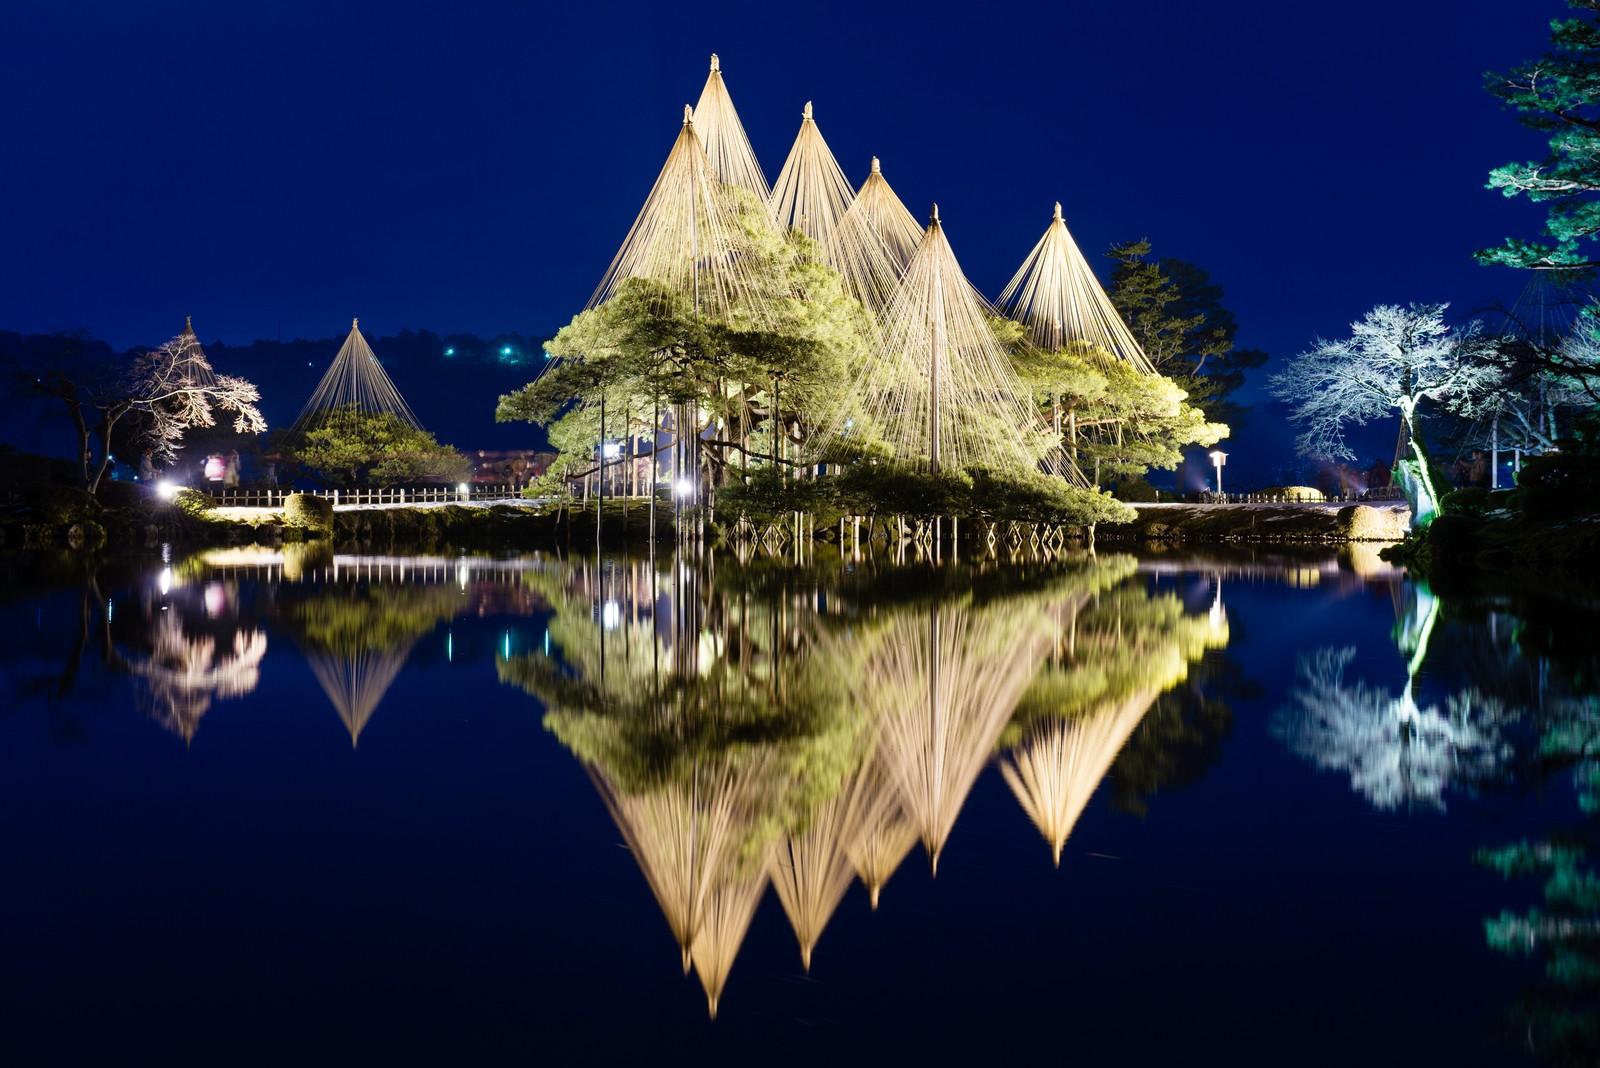 Karasaki Pine, Kenrokuen garden